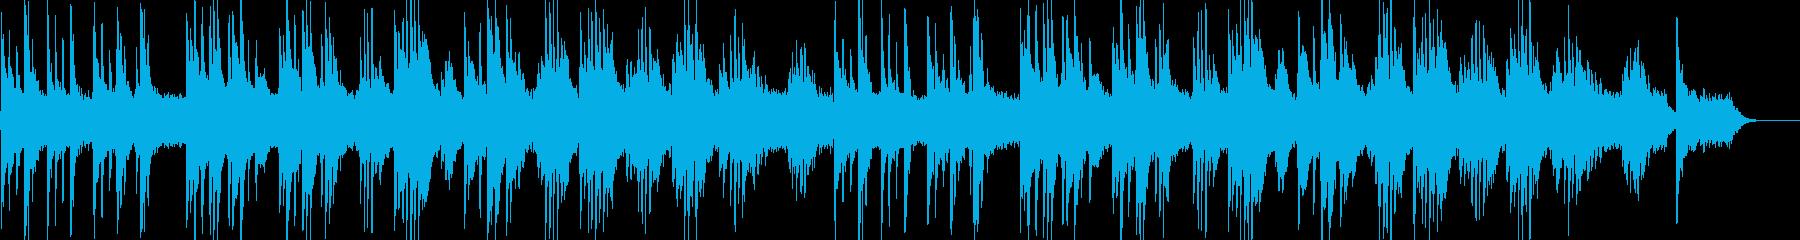 少し寂しいピアノ曲の再生済みの波形